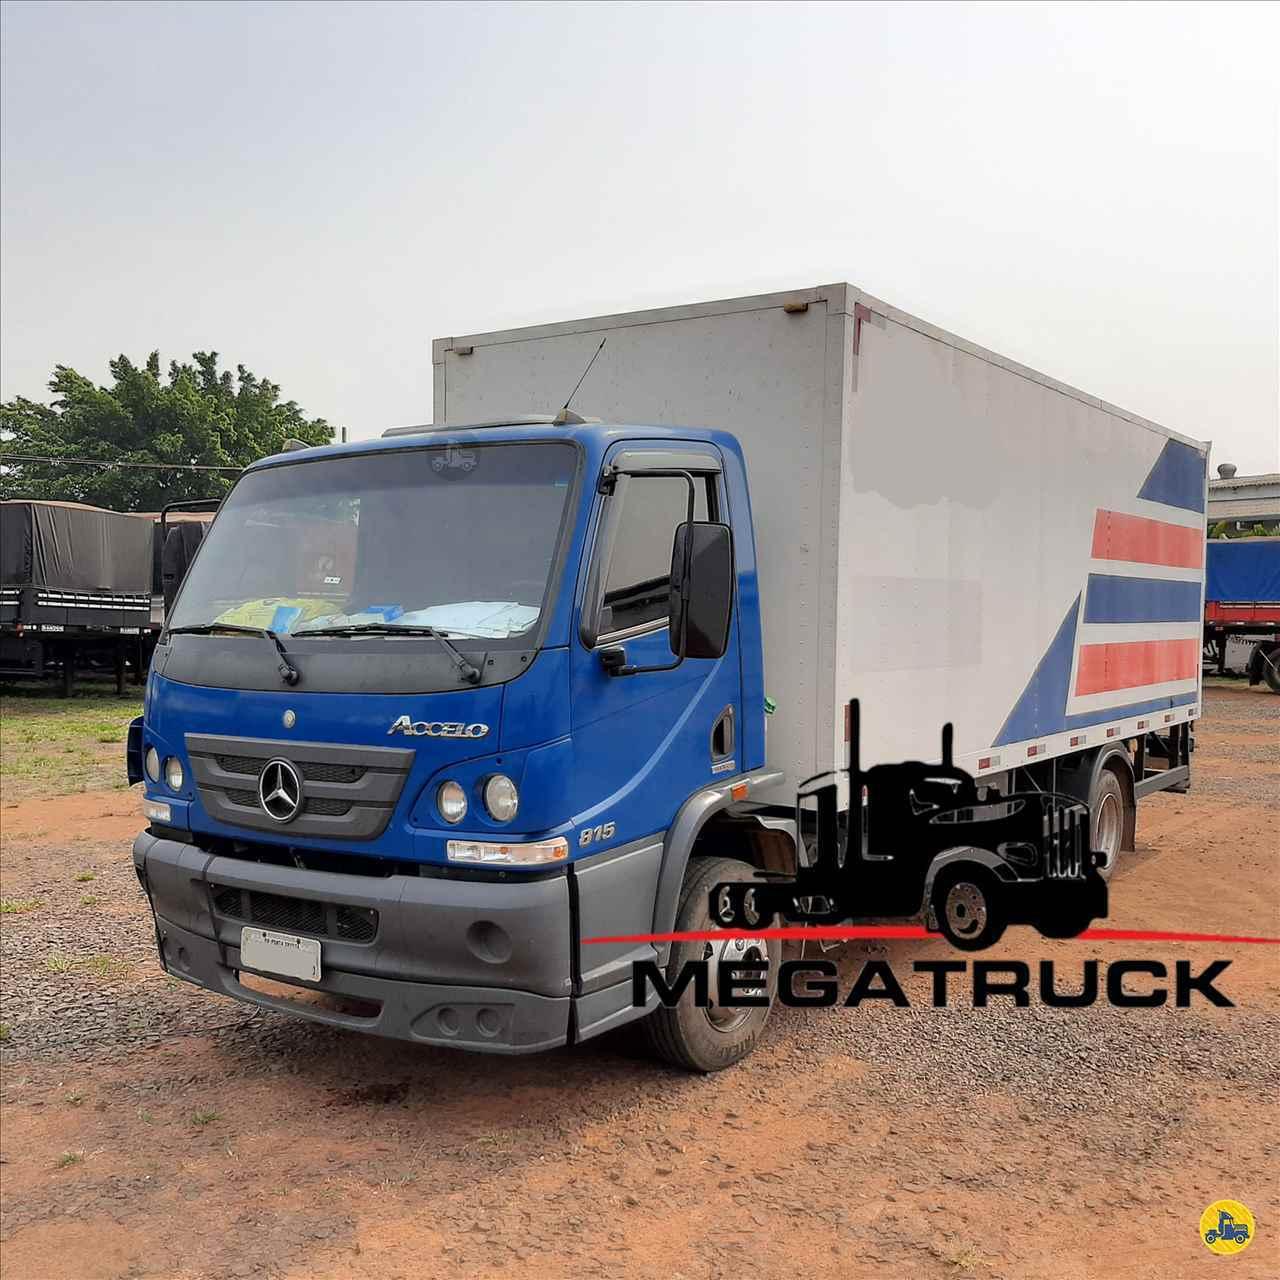 MB 815 de Megatruck Caminhões e Máquinas - CAMPO GRANDE/MS